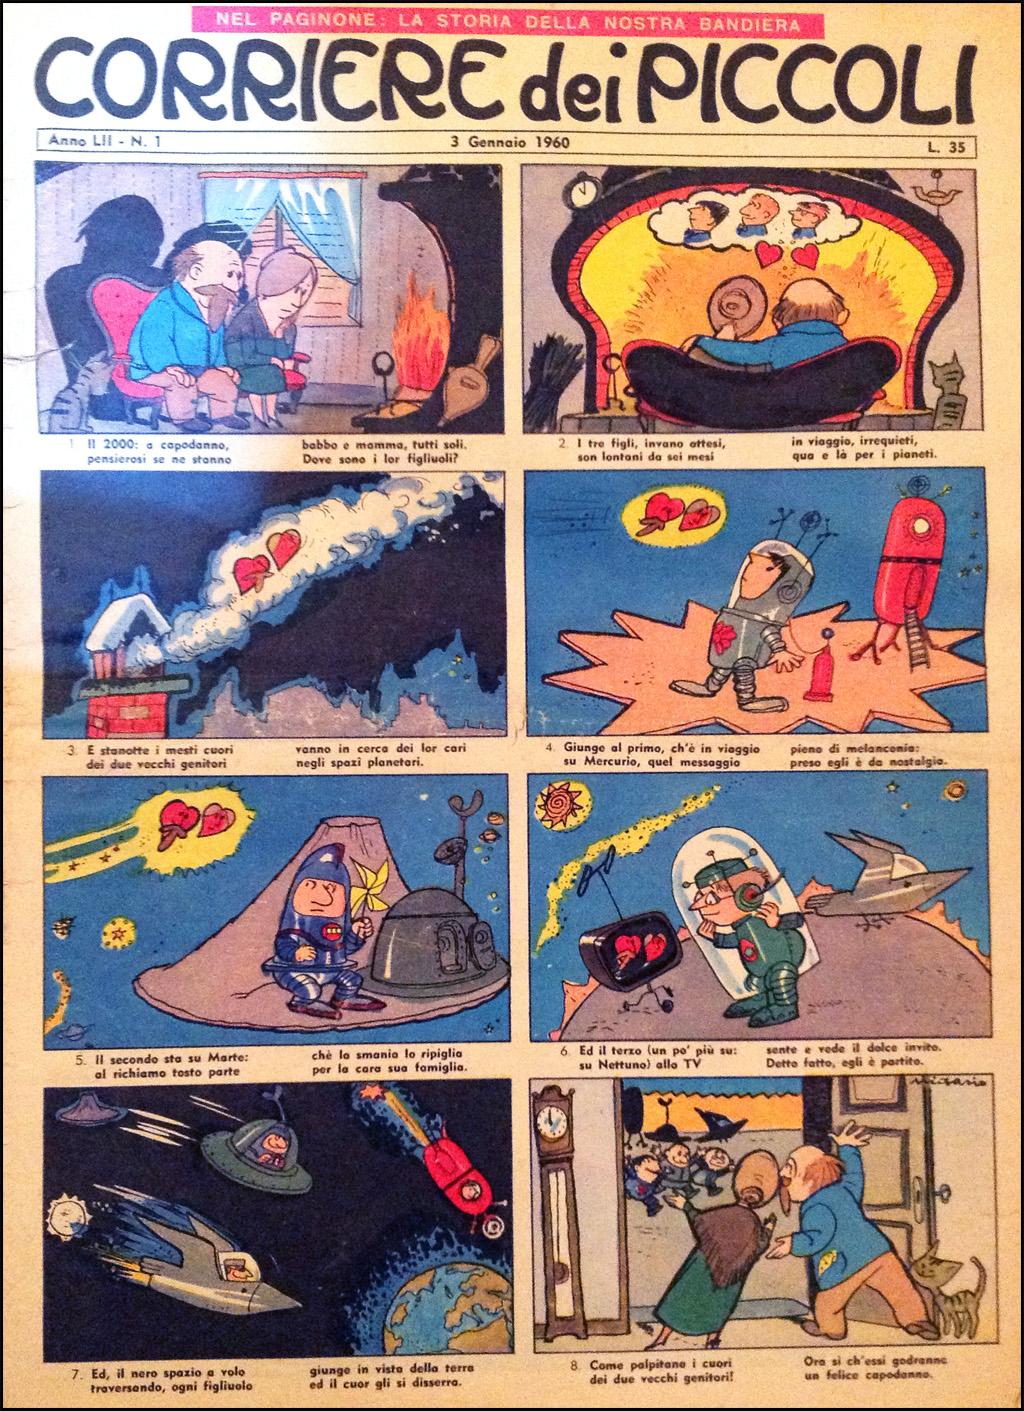 Corriere dei Piccoli 3 Gennaio 1960